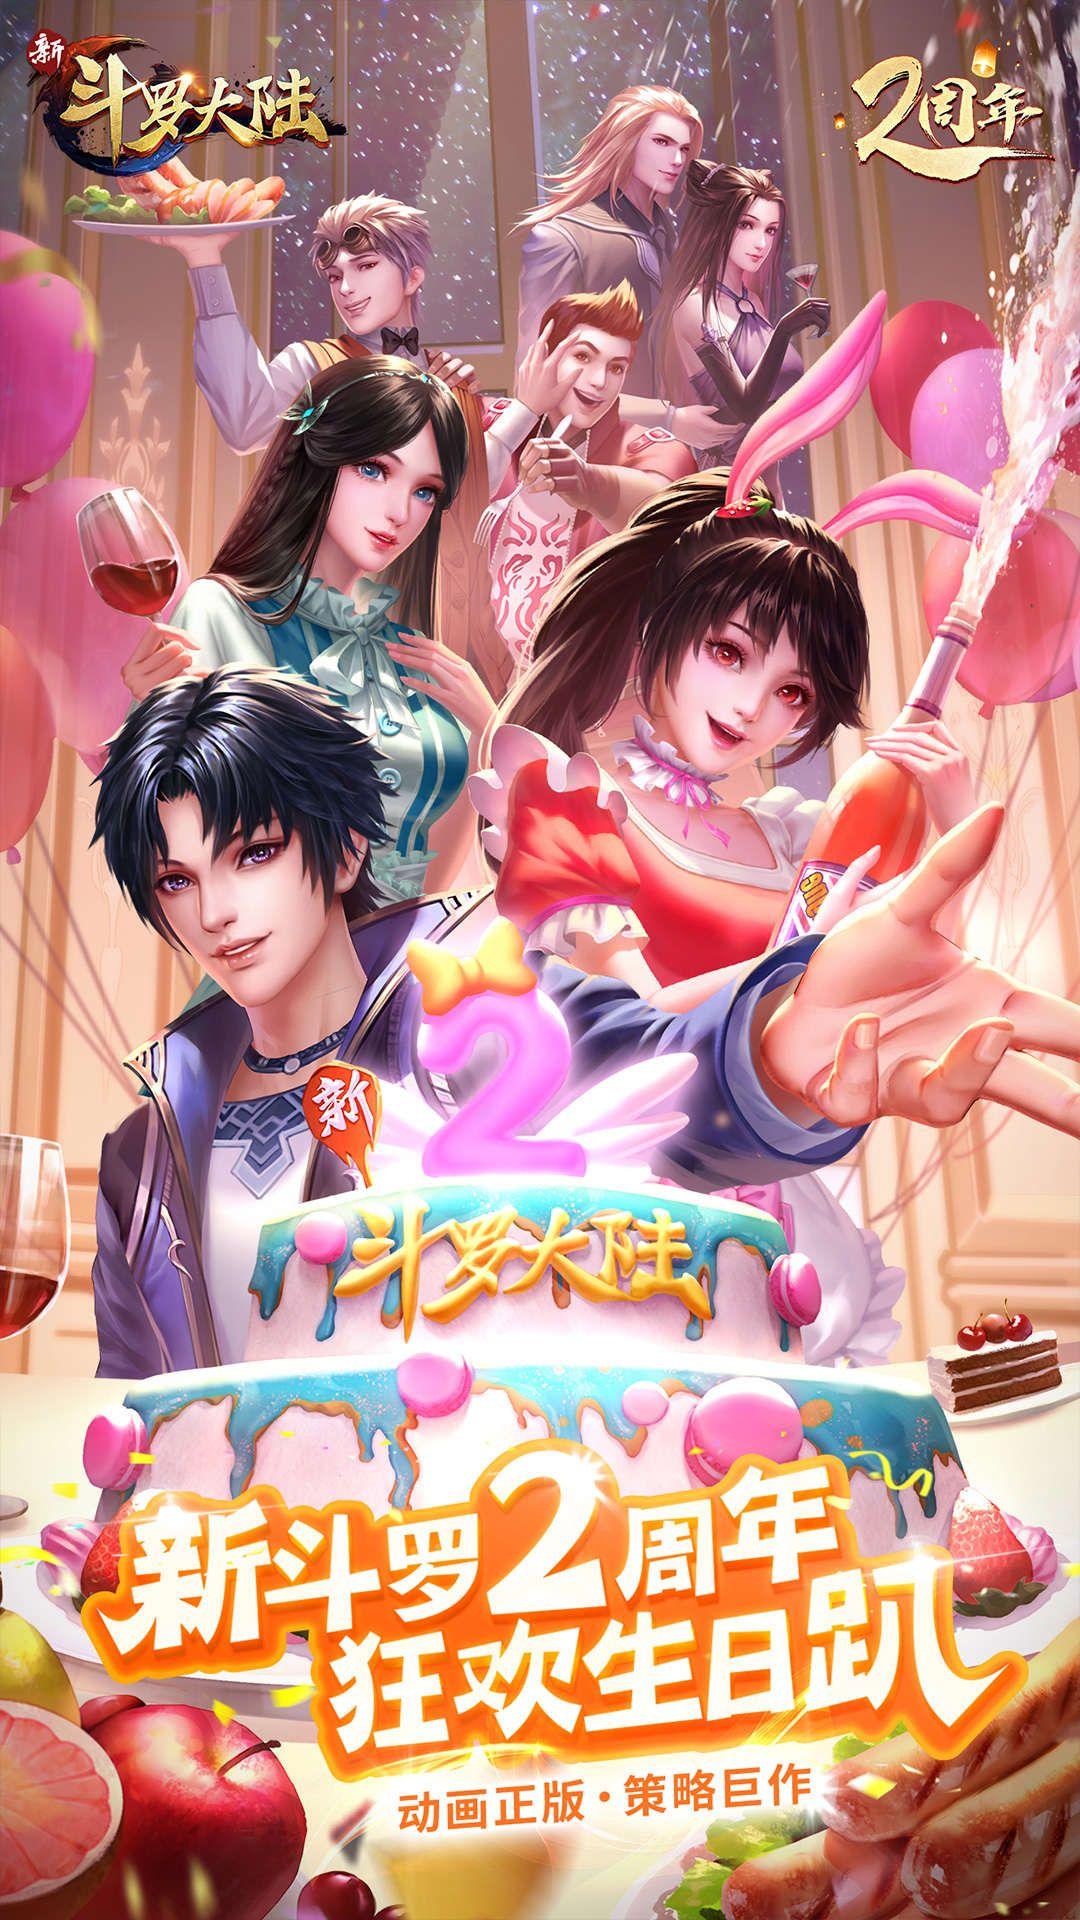 新斗罗大陆_游戏封面图